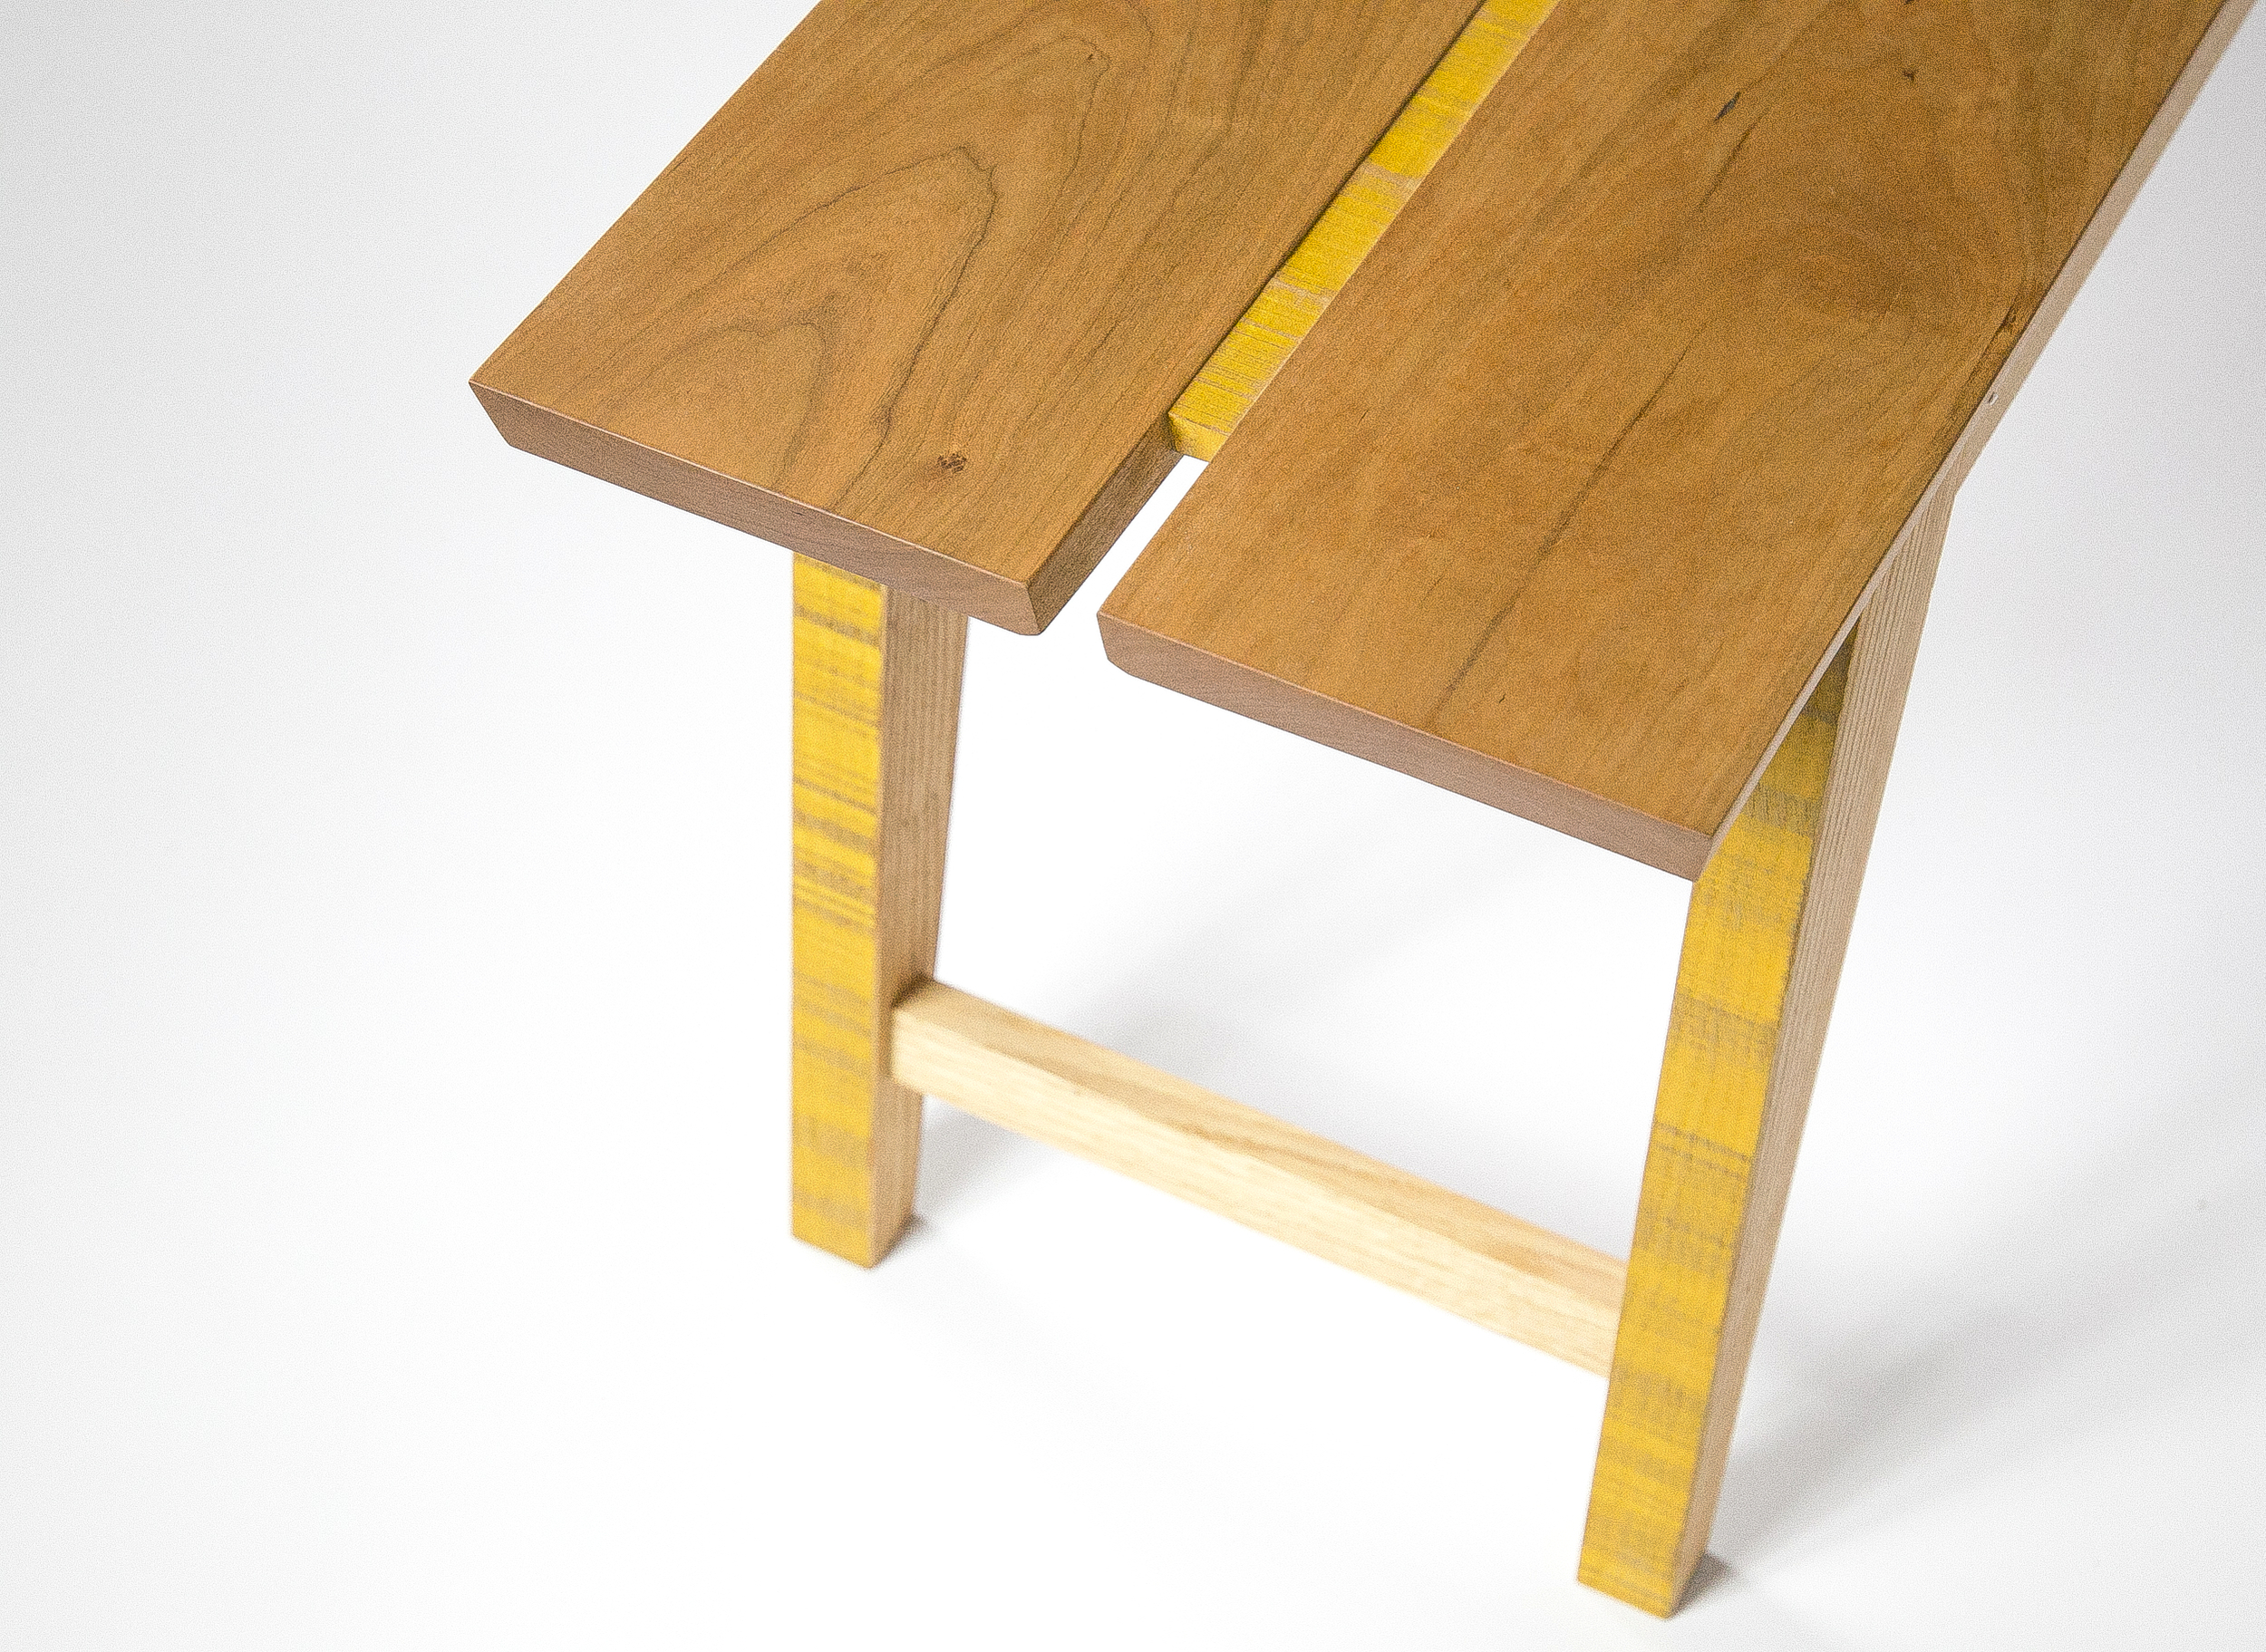 stripe - a bench